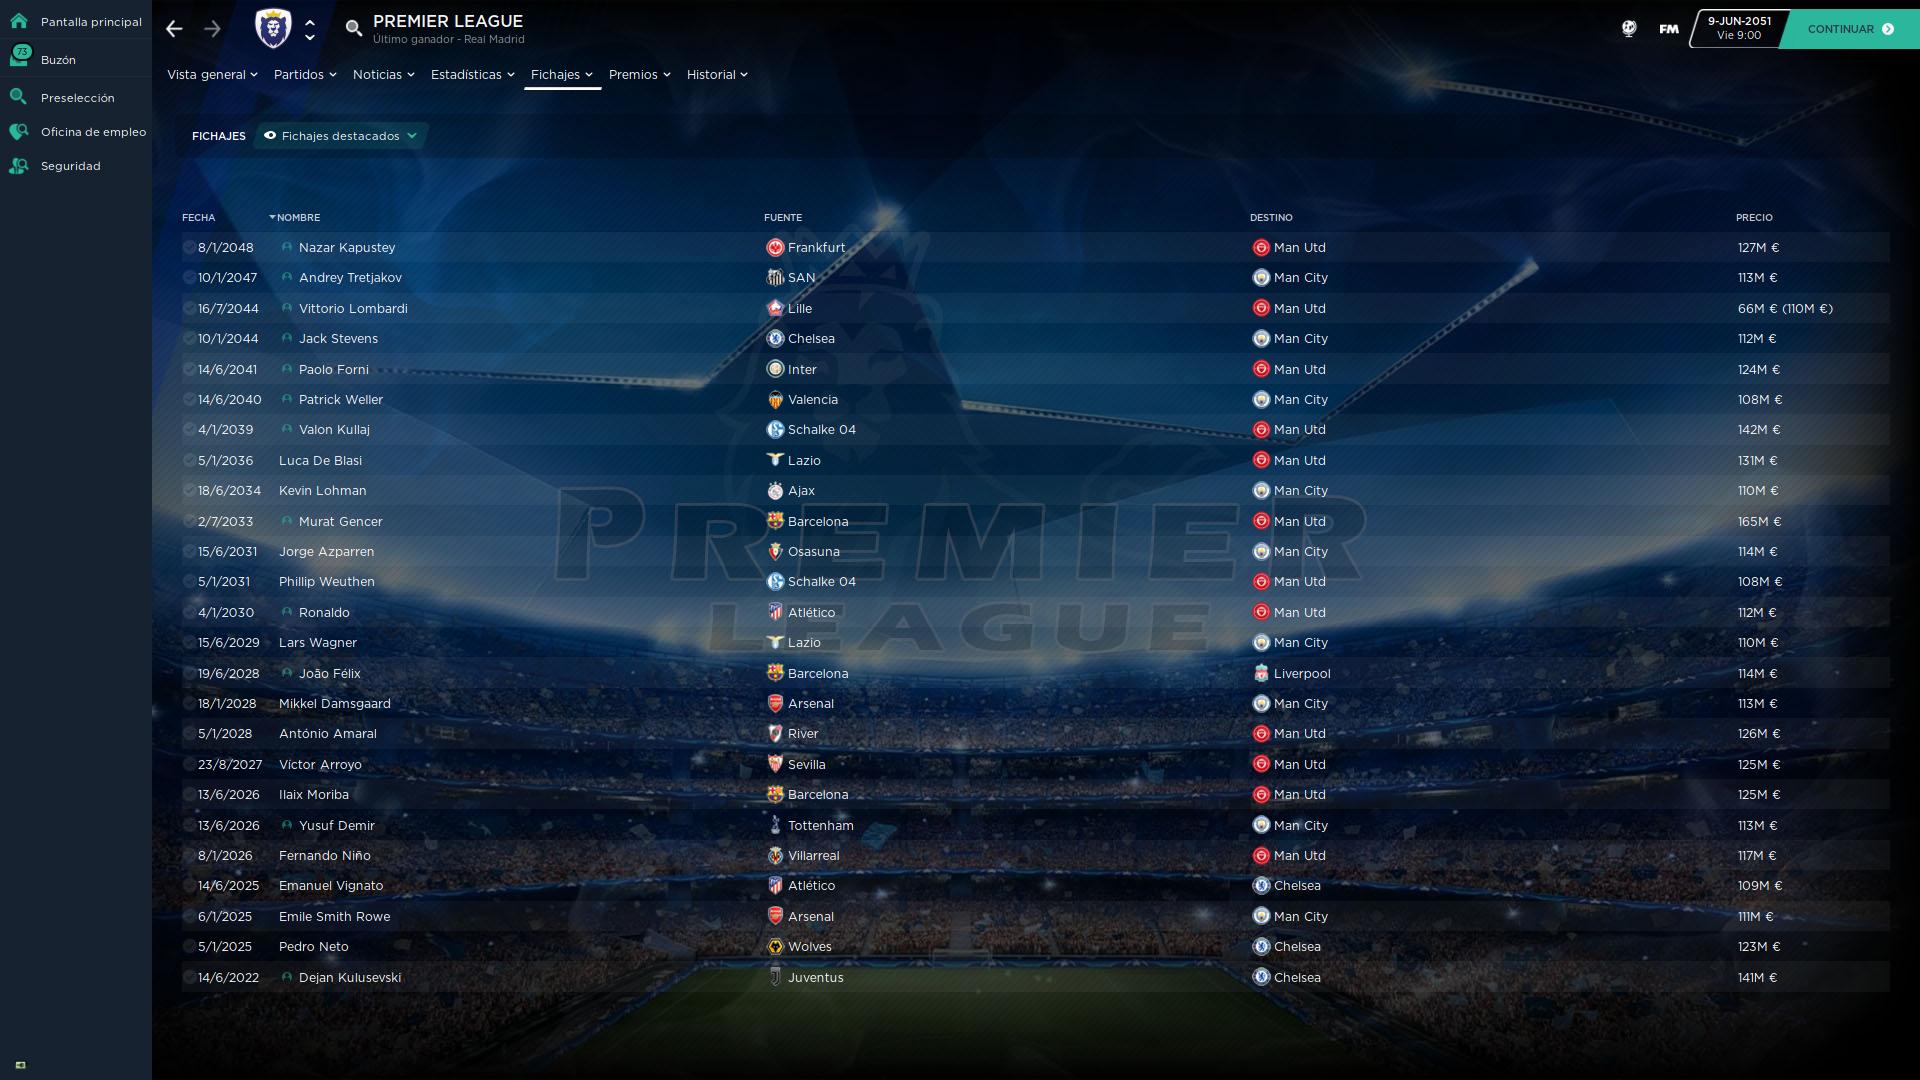 Los fichajes más destacados de los 20 años de Superliga